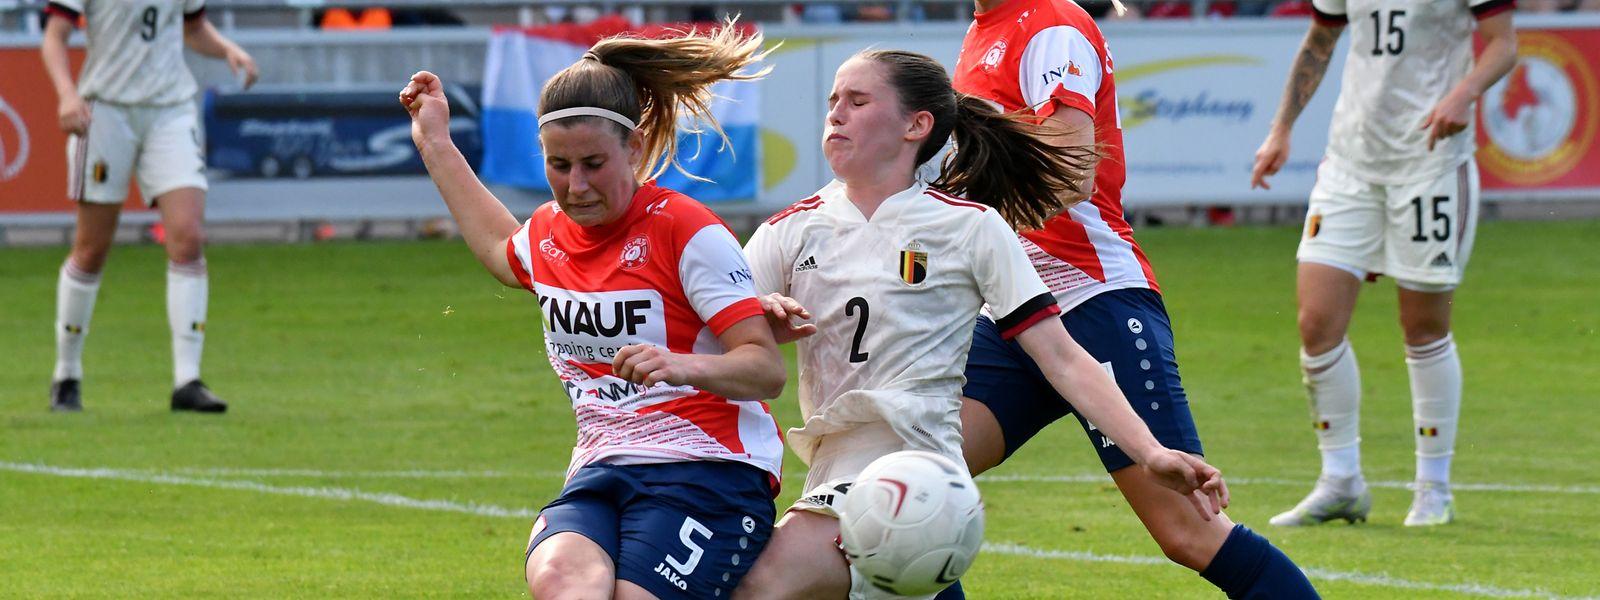 Luxemburgs Emma Kremer und Belgiens Isabel Albert kämpfen um den Ball.